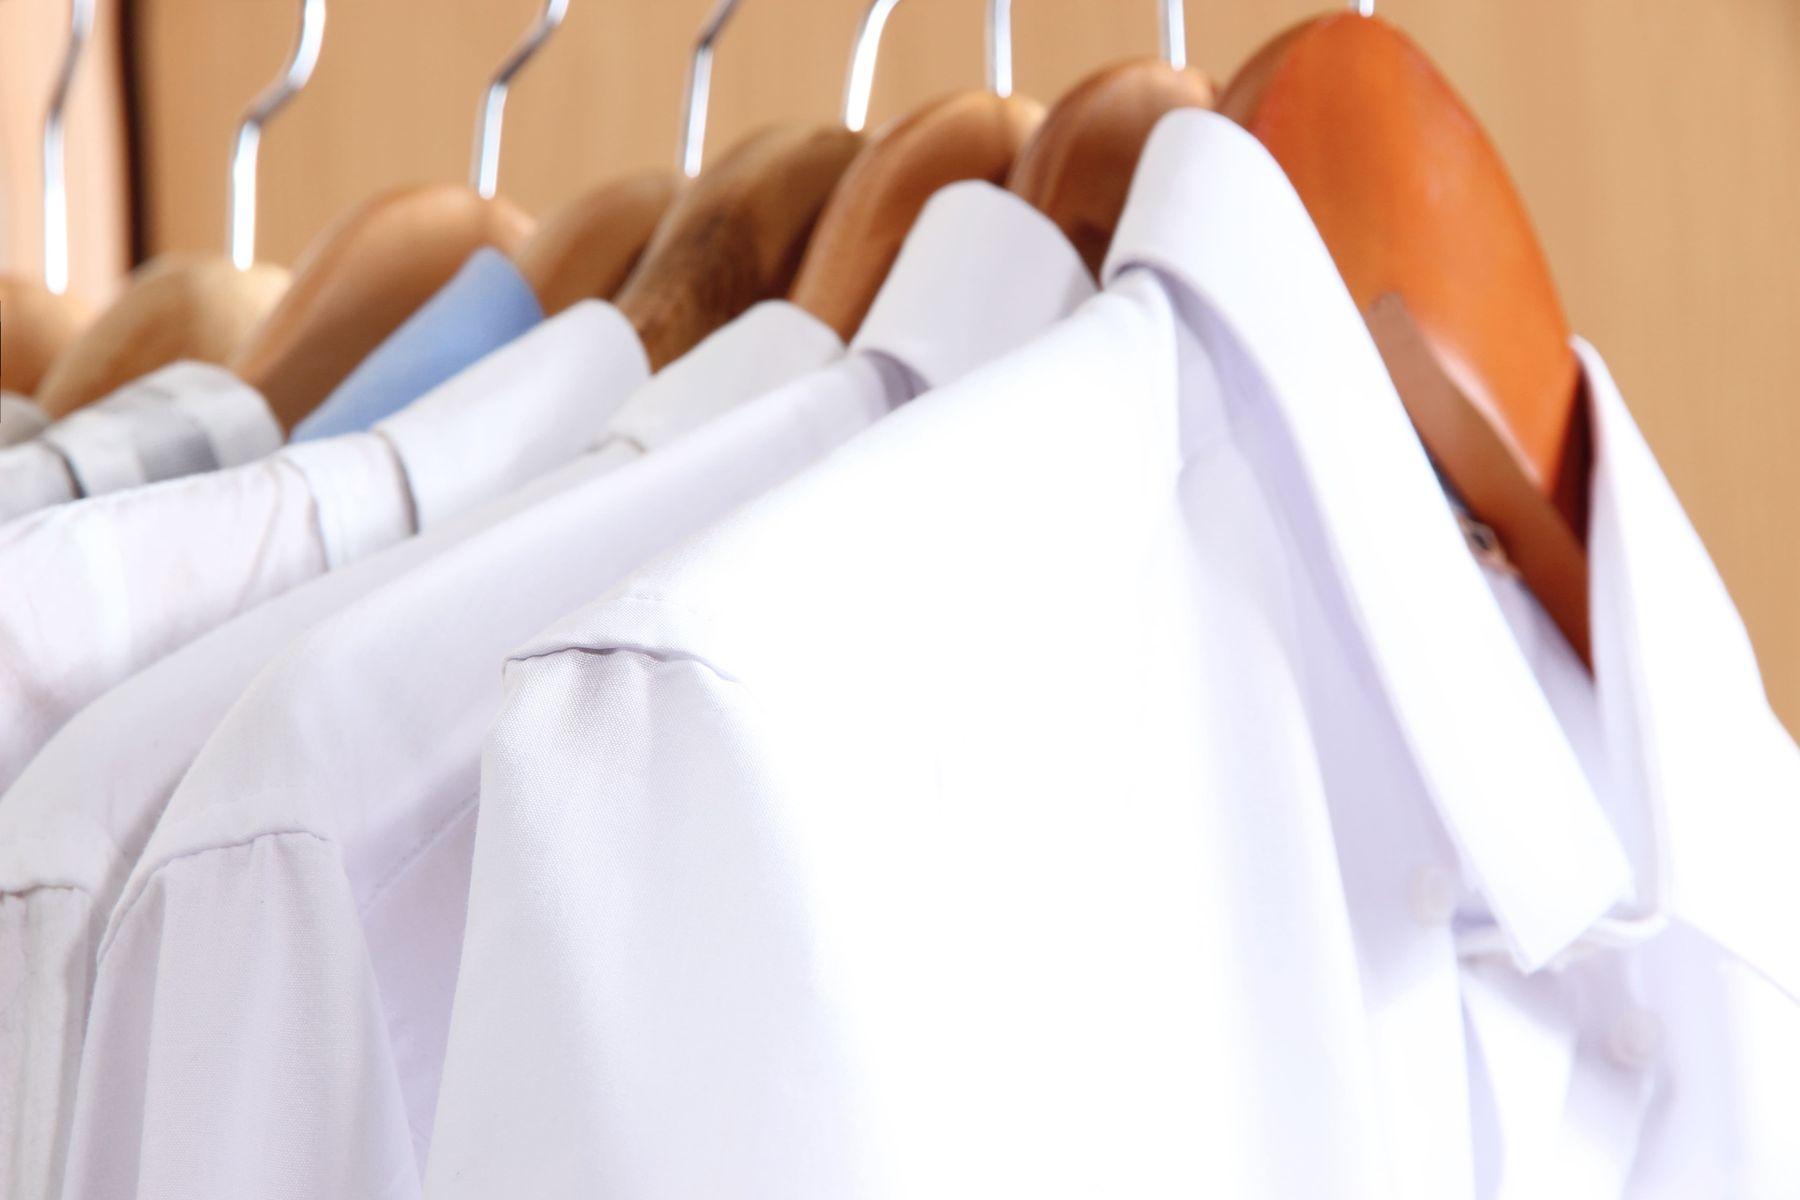 Lekesiz Beyaz Gömlekler İçin Sandık Lekesi Çıkarma Yöntemleri